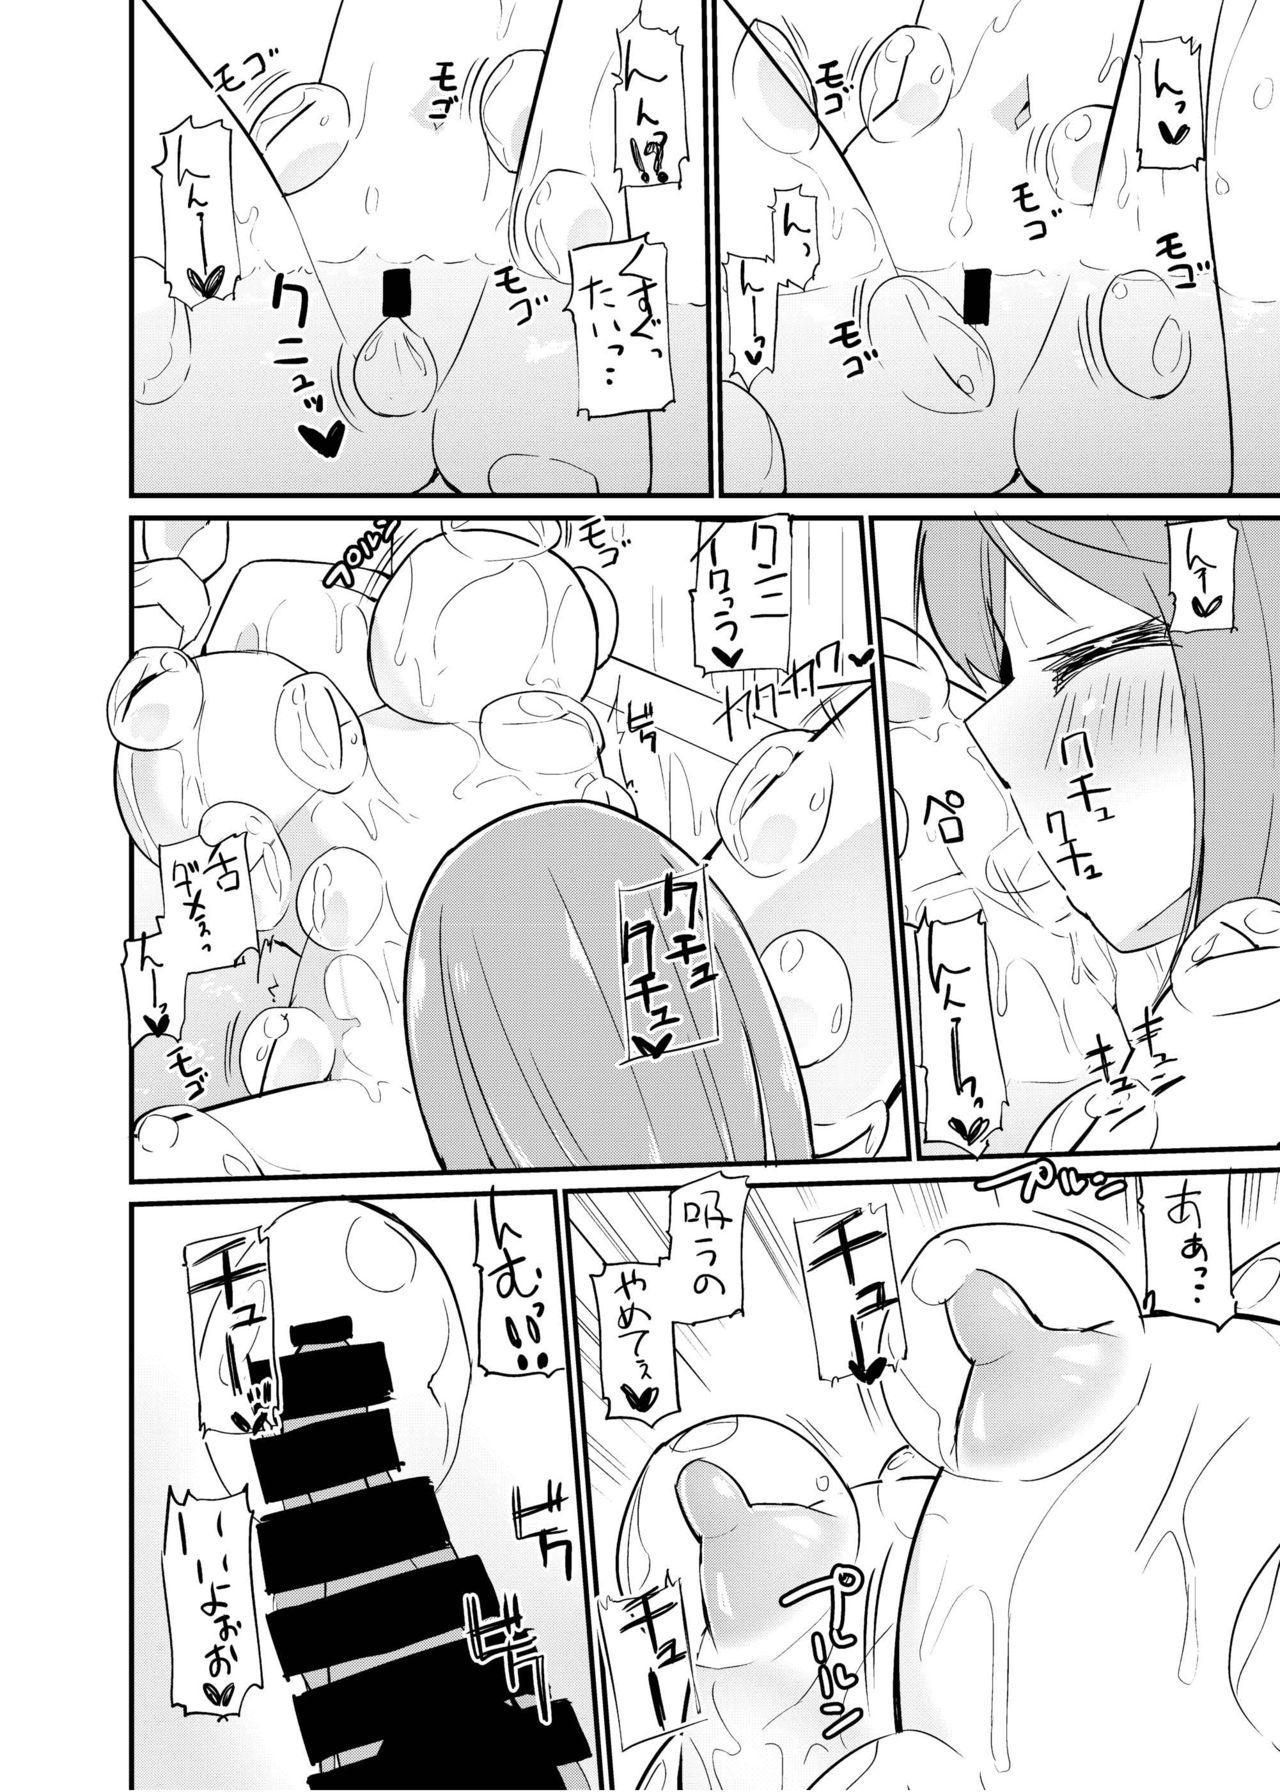 [Zokubutsu.zip (Yuki Asuka)] Zokubutsu.zip (15) Numerite [Digital] 20